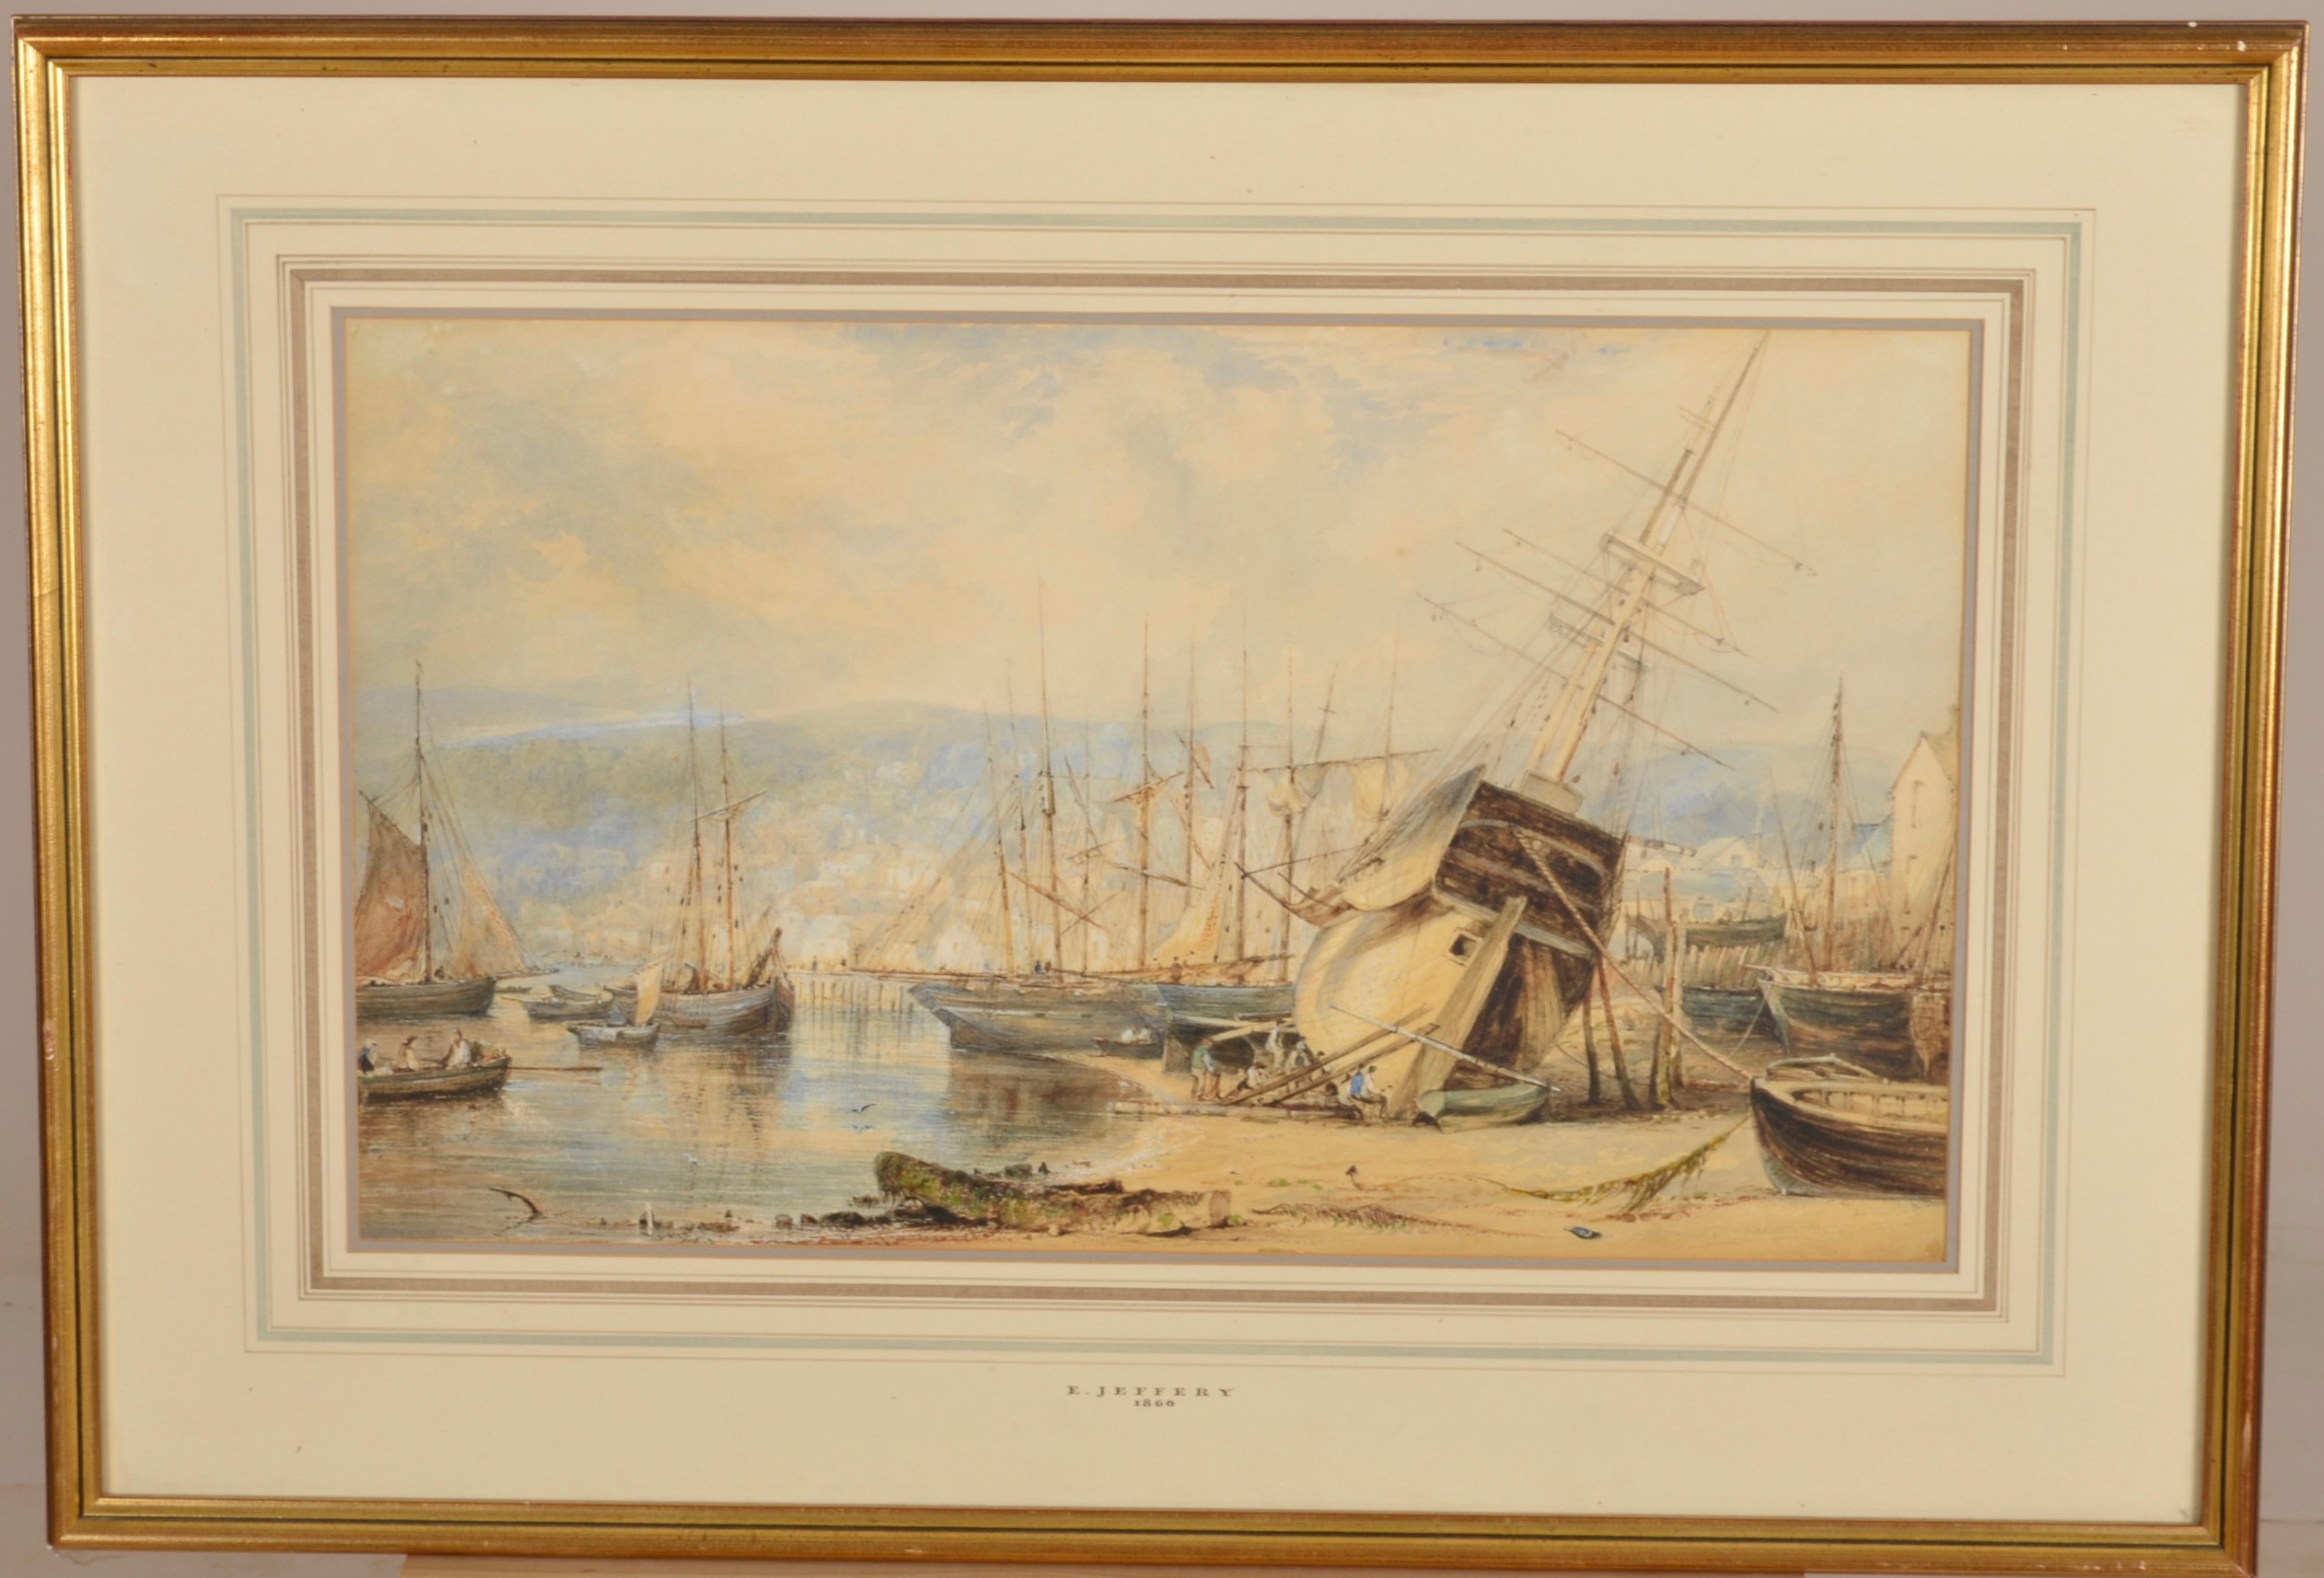 a watercolour by e jeffrey c1866